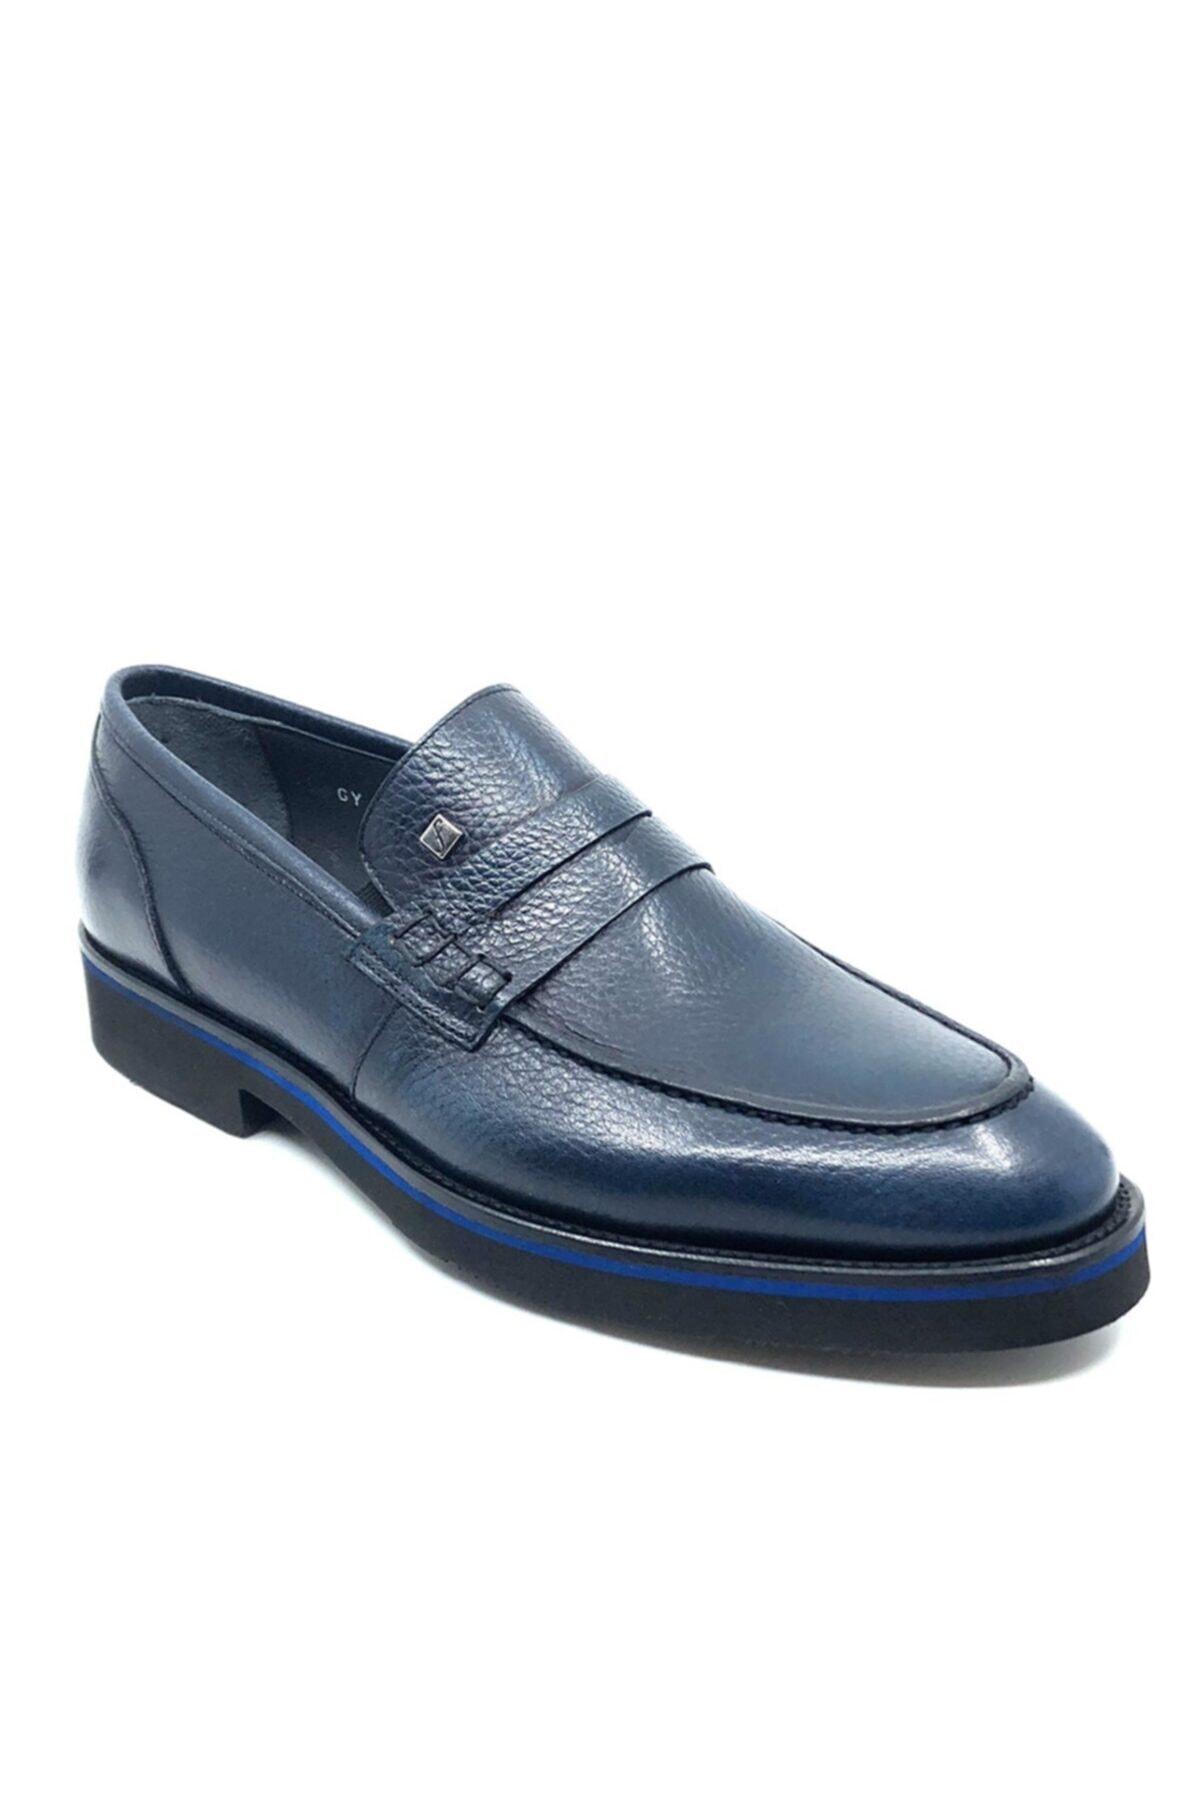 Fosco Hakiki Deri Erkek Ayakkabı  Mavi  1114 287 1